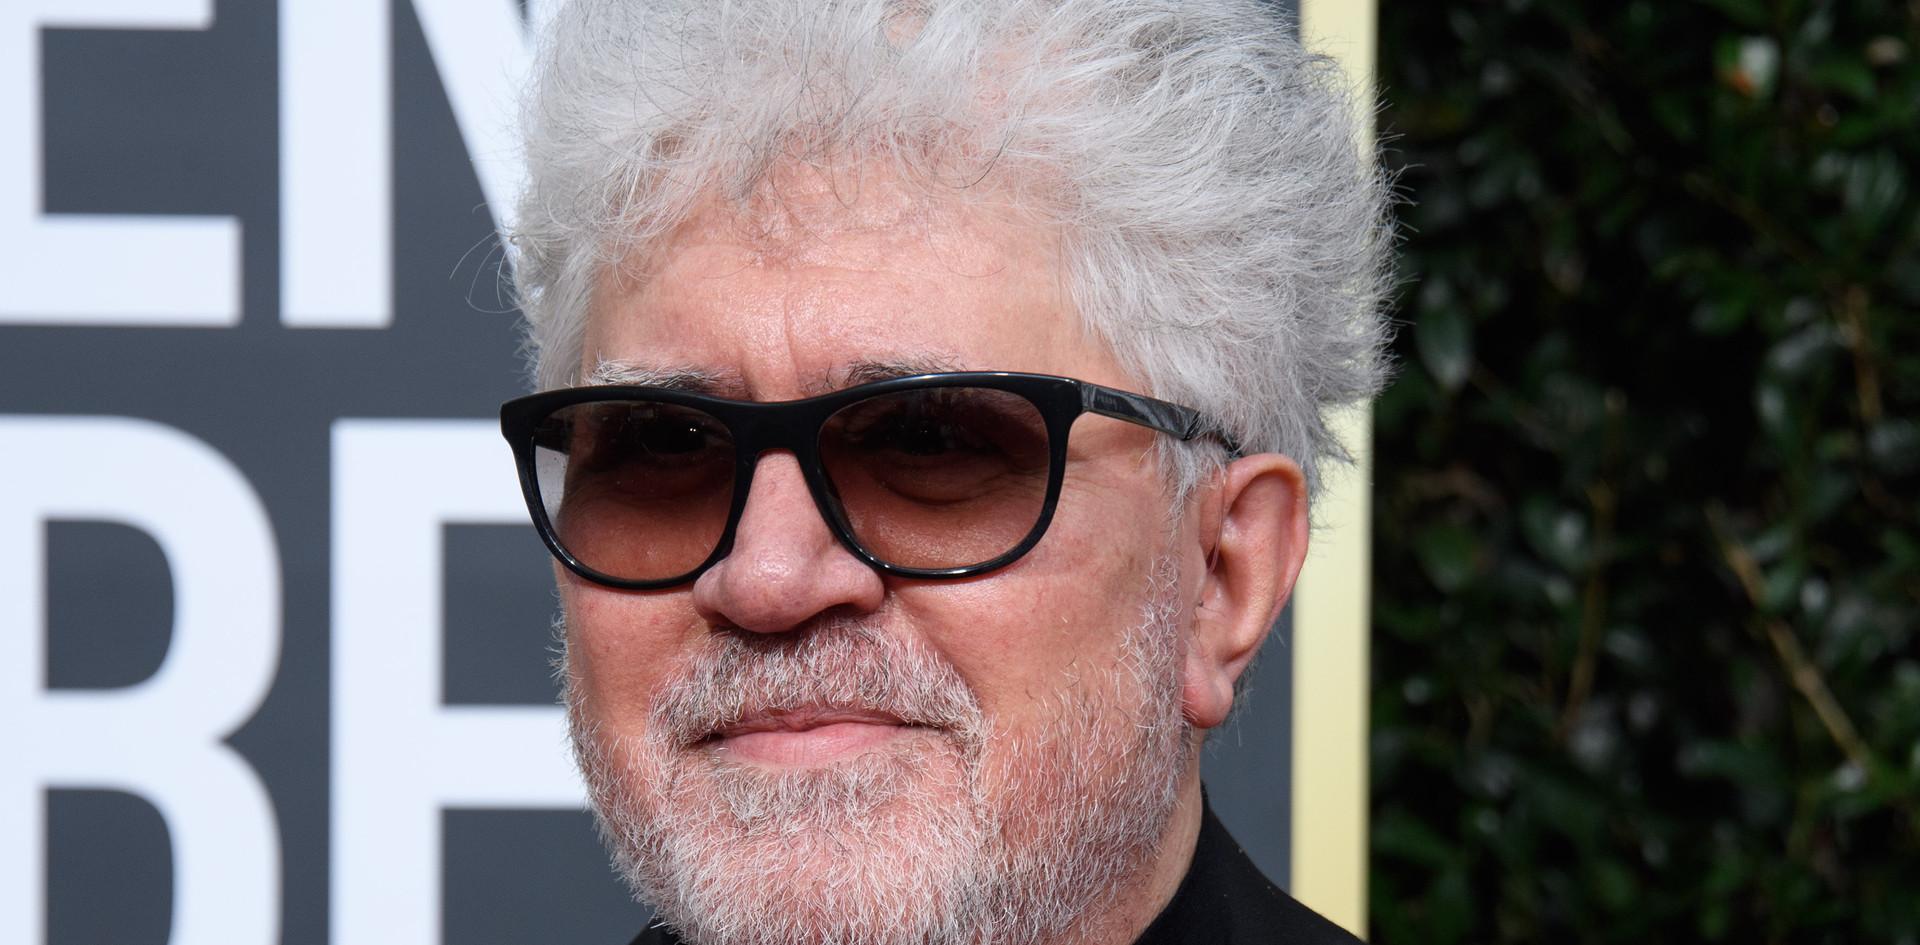 """Pedro Almodóvar foi nomeado para um Golden Globe, com o Filme:"""" Pain and Glory"""", como Melhor Filme Estrangeiro, na passadeira vermelha do 77th Annual Golden Globe Awards, no Beverly Hilton em Beverly Hills, CA. Fotografia: HFPA Photographer."""